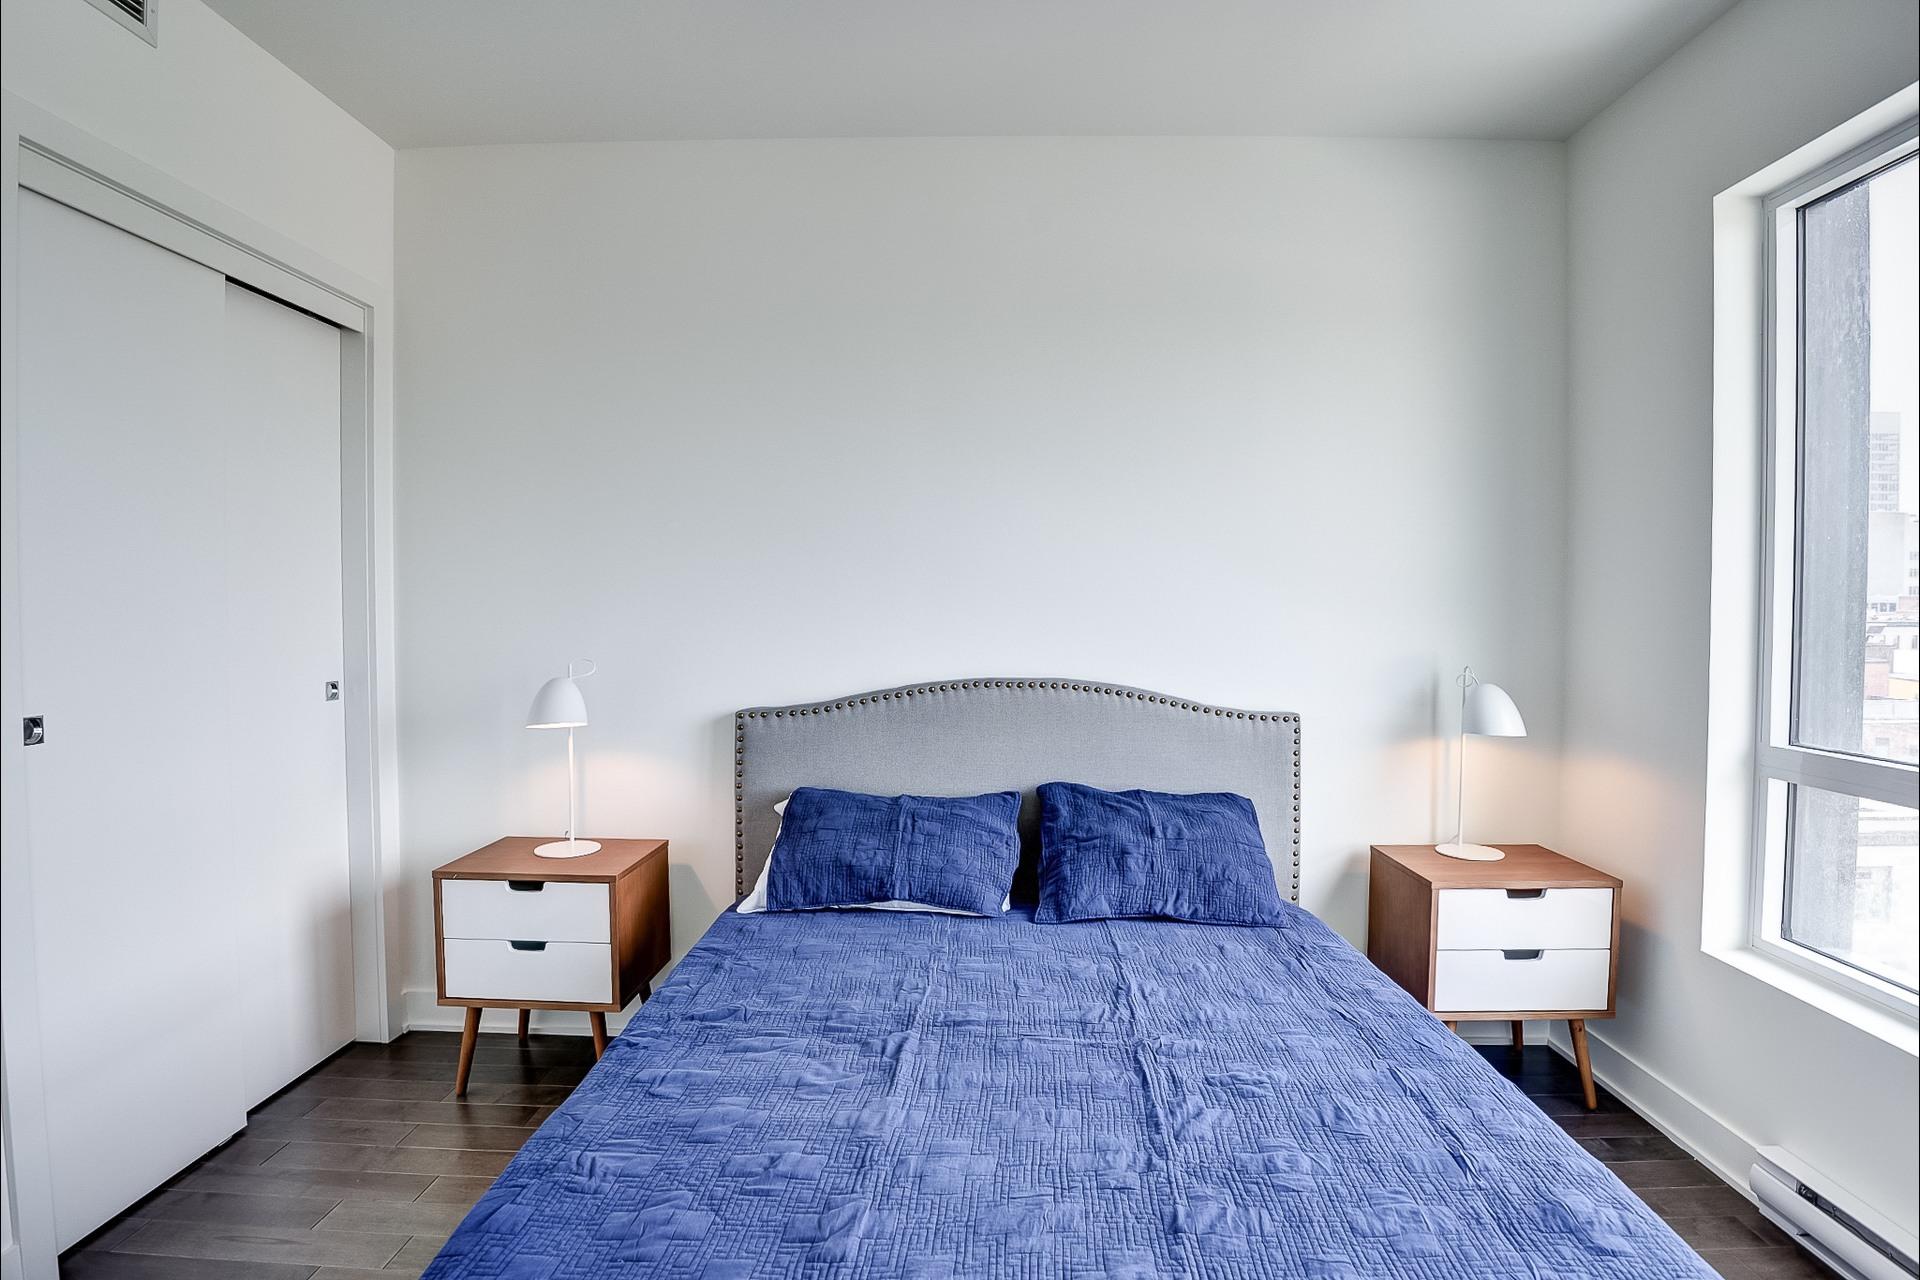 image 8 - MX - Condominio vertical - MX Para alquiler Montréal - 4 habitaciones